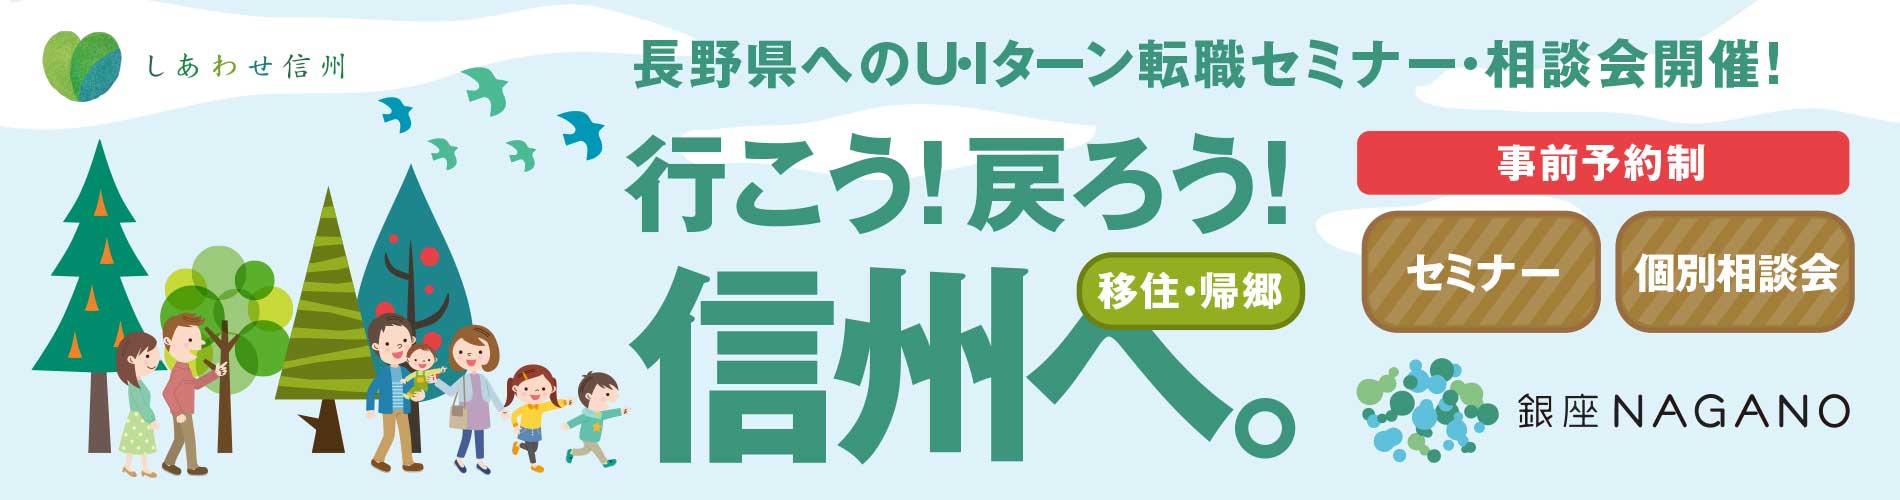 長野県UIターン相談会